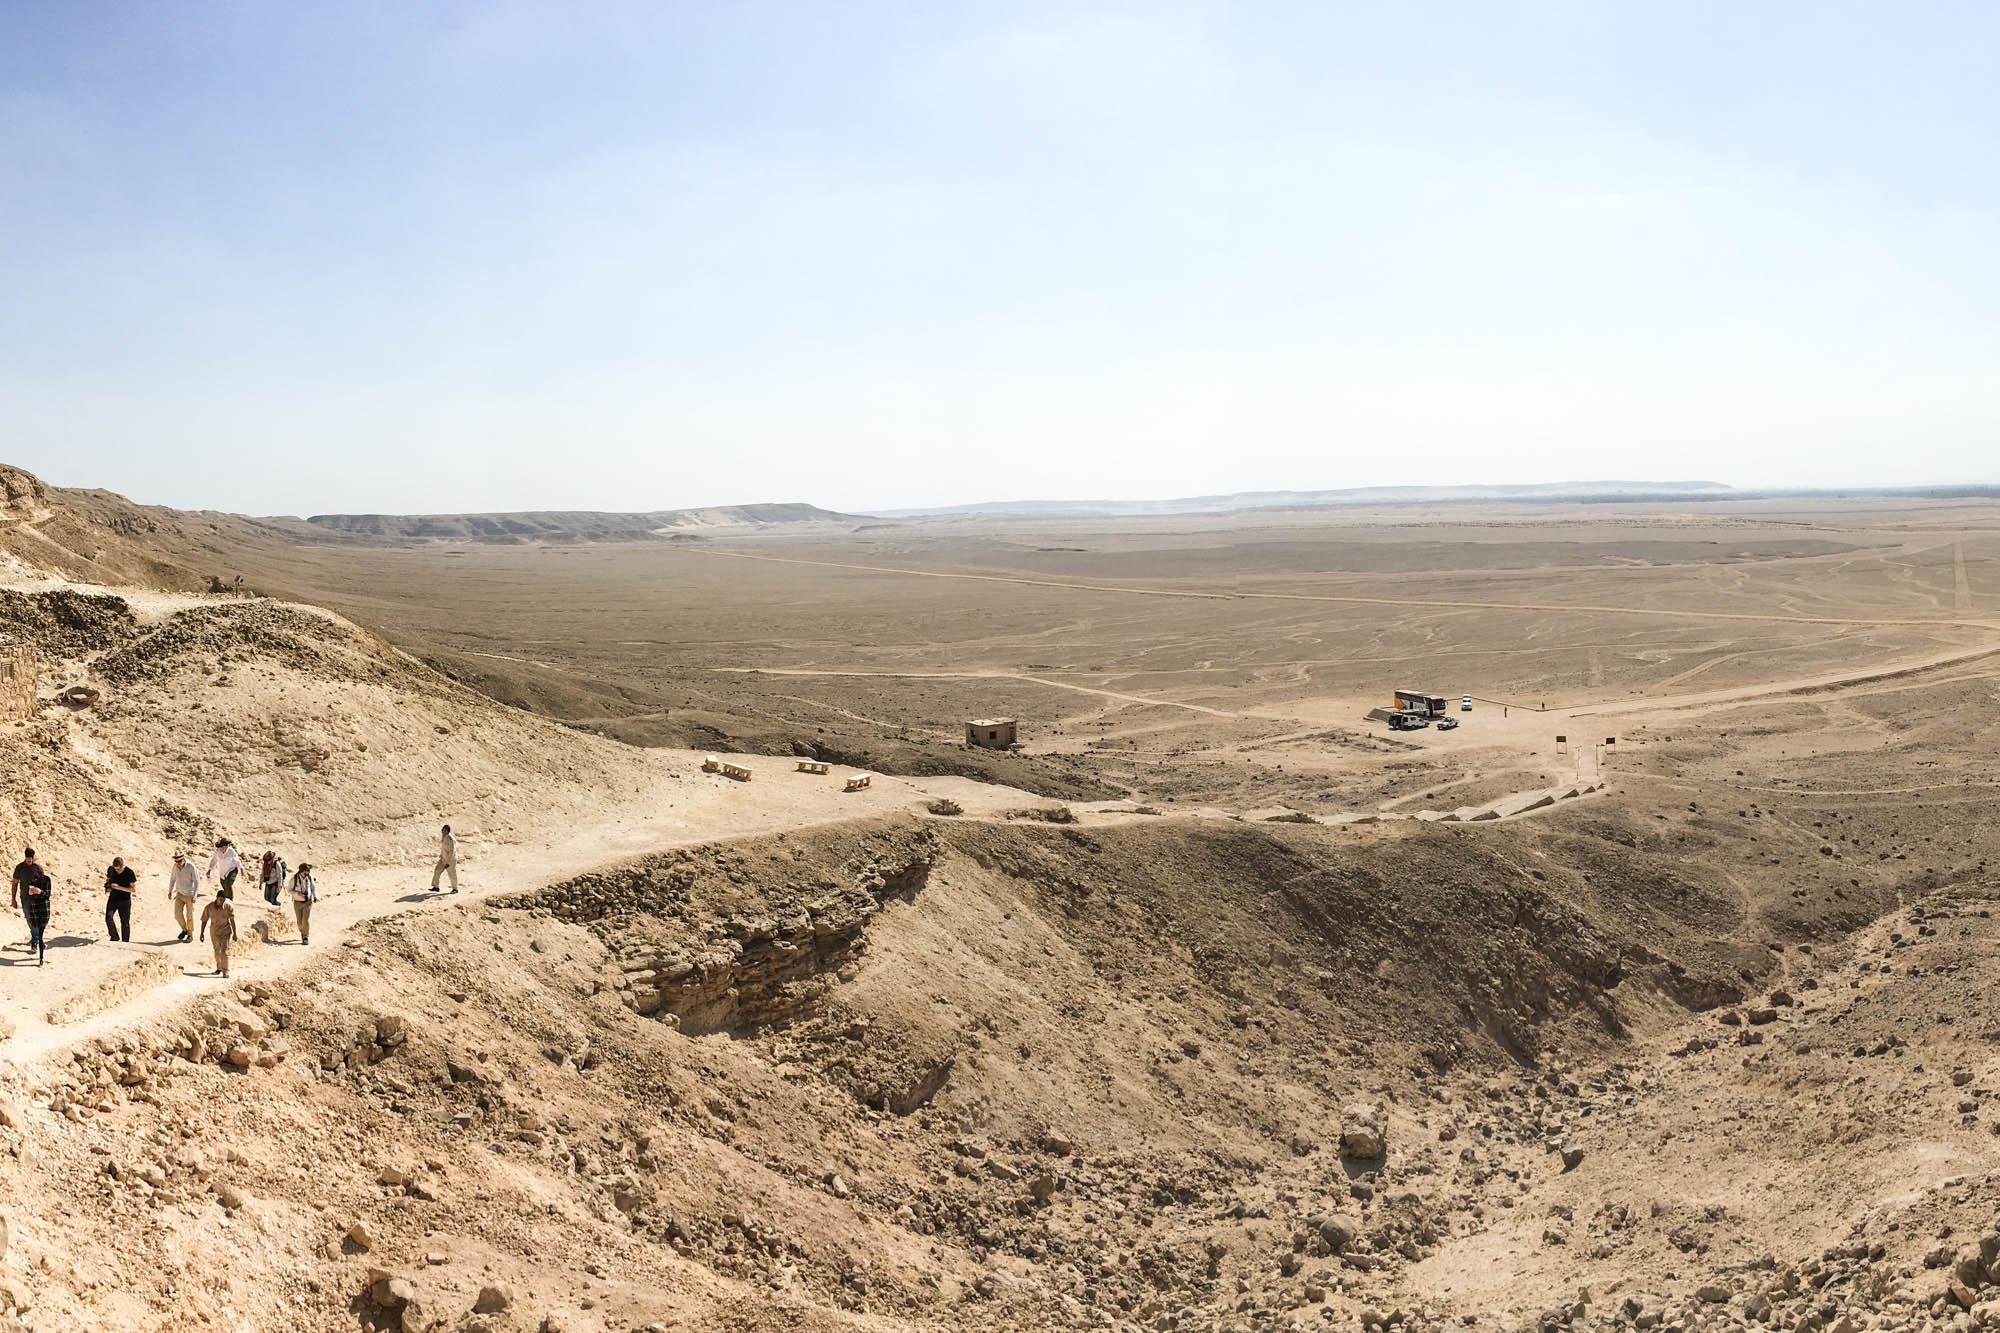 Von der um 1.350 v. Chr. von Echnaton gegründeten neuen Residenzstadt zu Ehren des von ihm als einzigem Gott anerkannten Aton in heutigen Tell el-Amarna ist heute wenig sichtbares erhalten. Foto: Lothar Ruttner